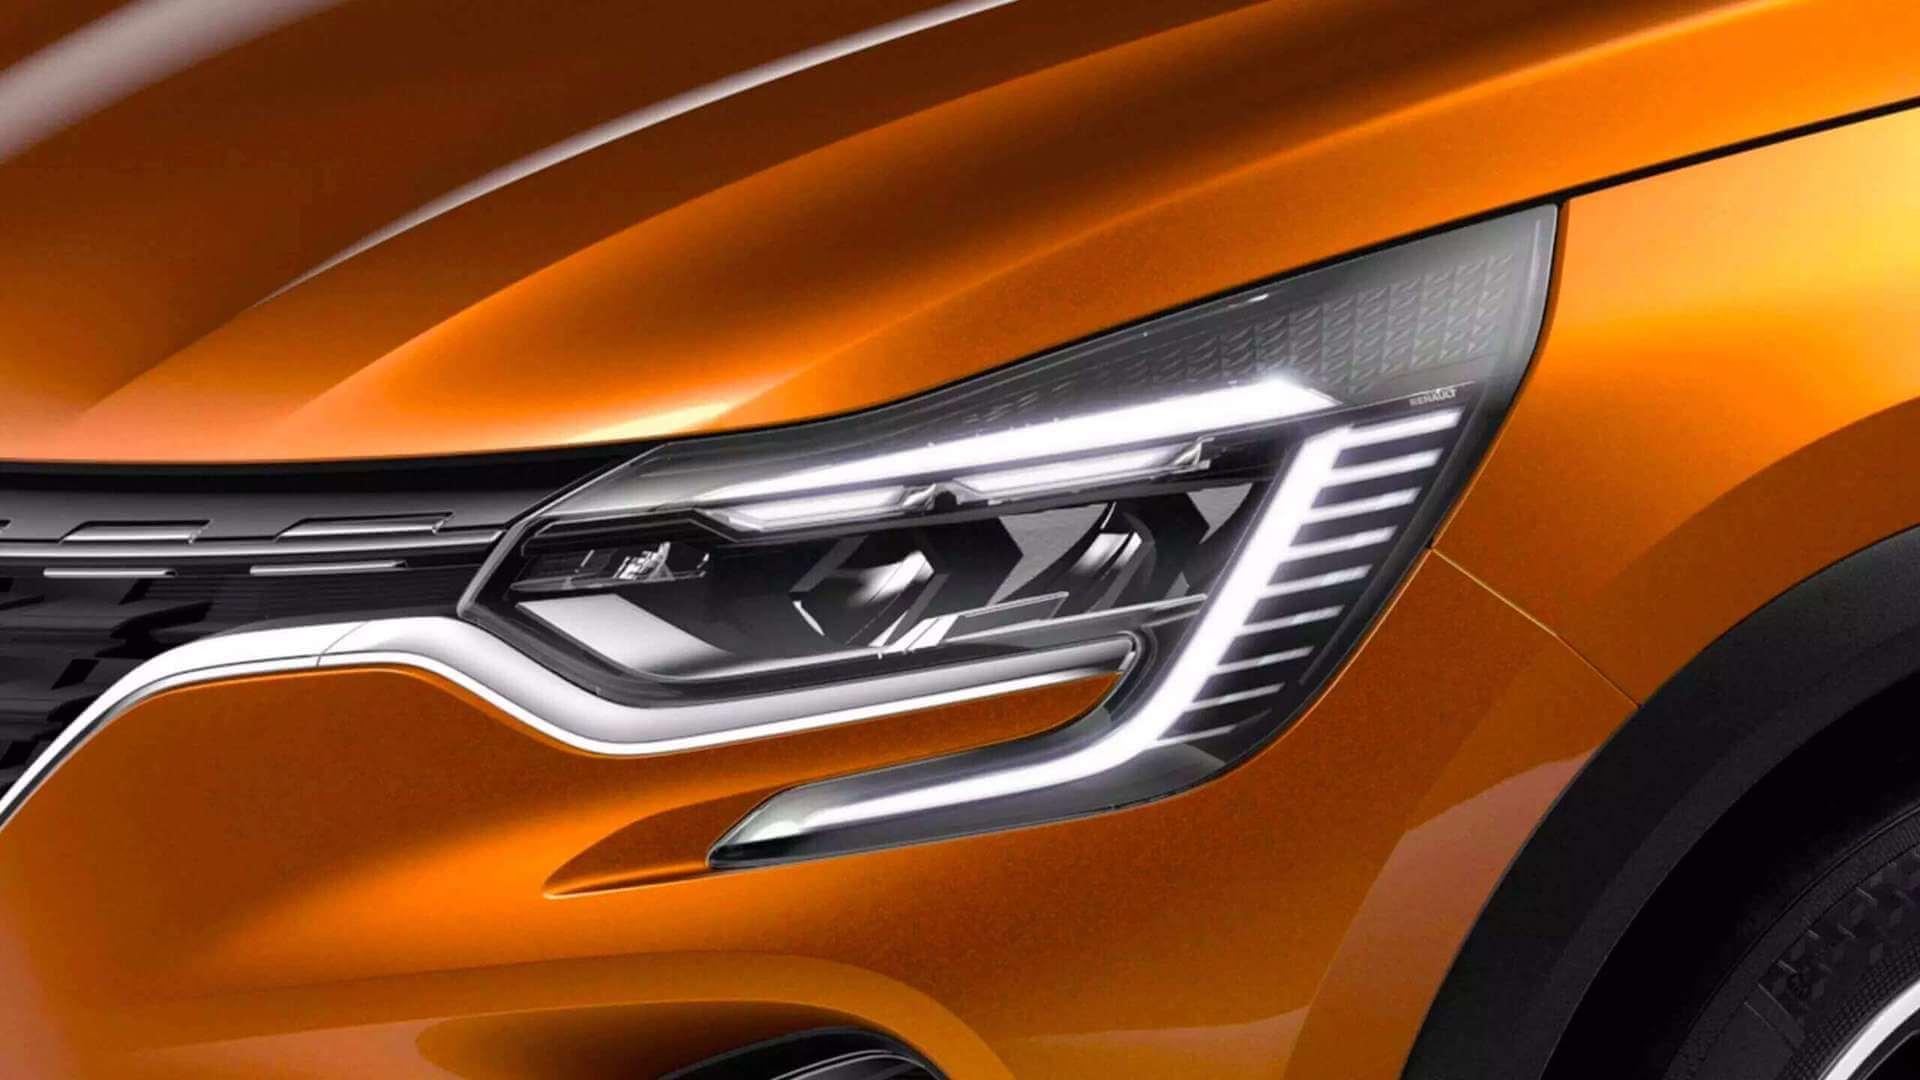 Scheinwerfer vom Auto - Renault Captur - Renault Ahrens Hannover